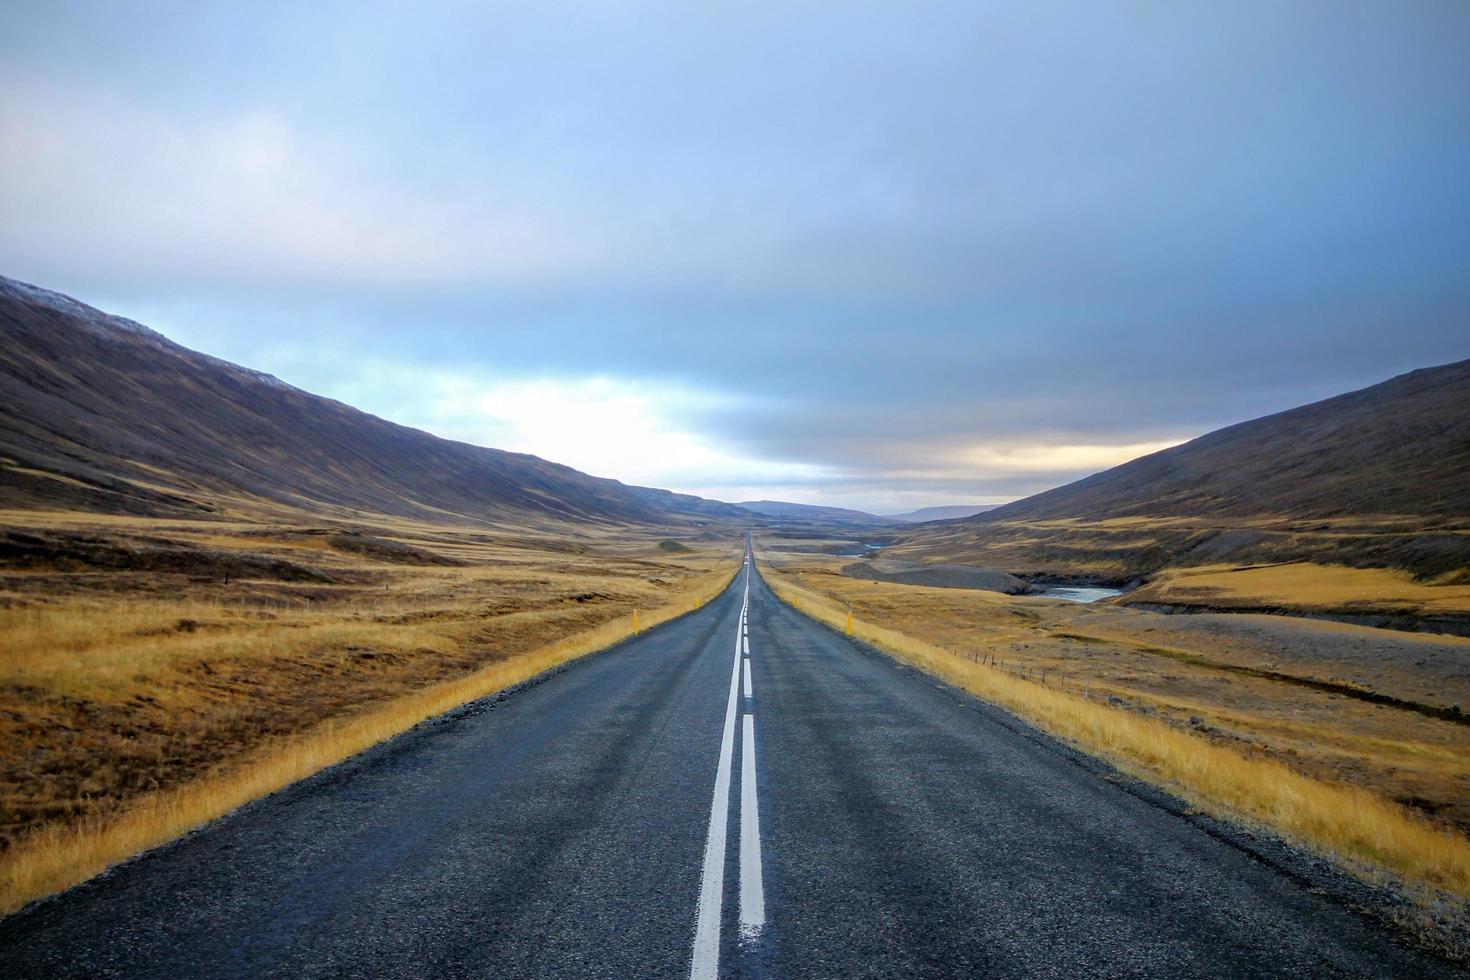 weg die door een heuvelachtig landschap loopt foto